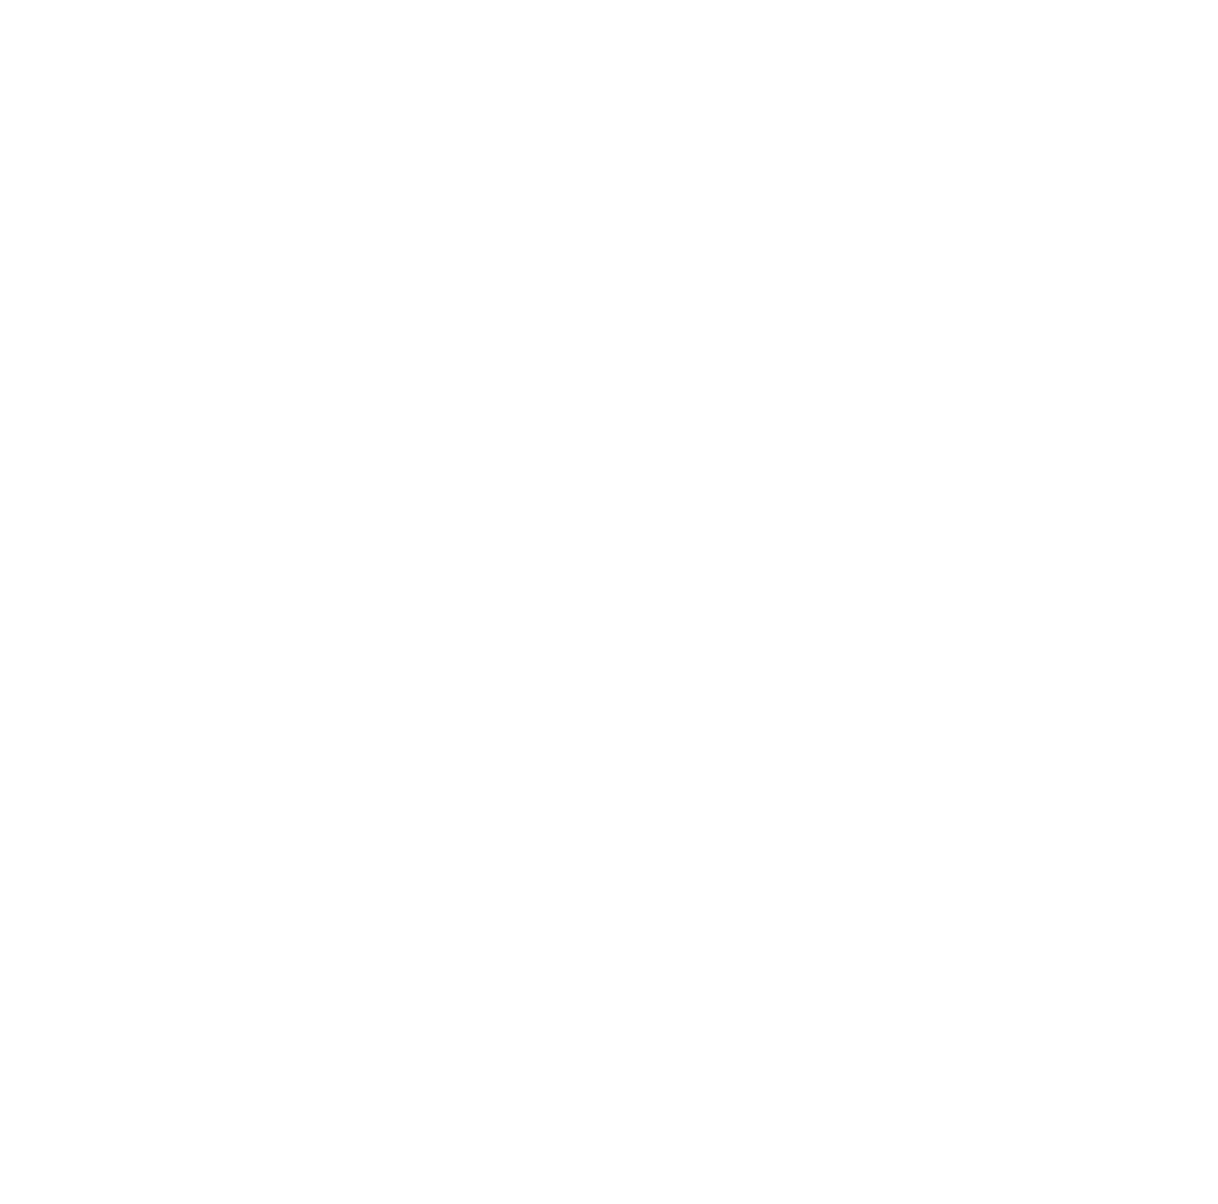 Inquests & Inquiries